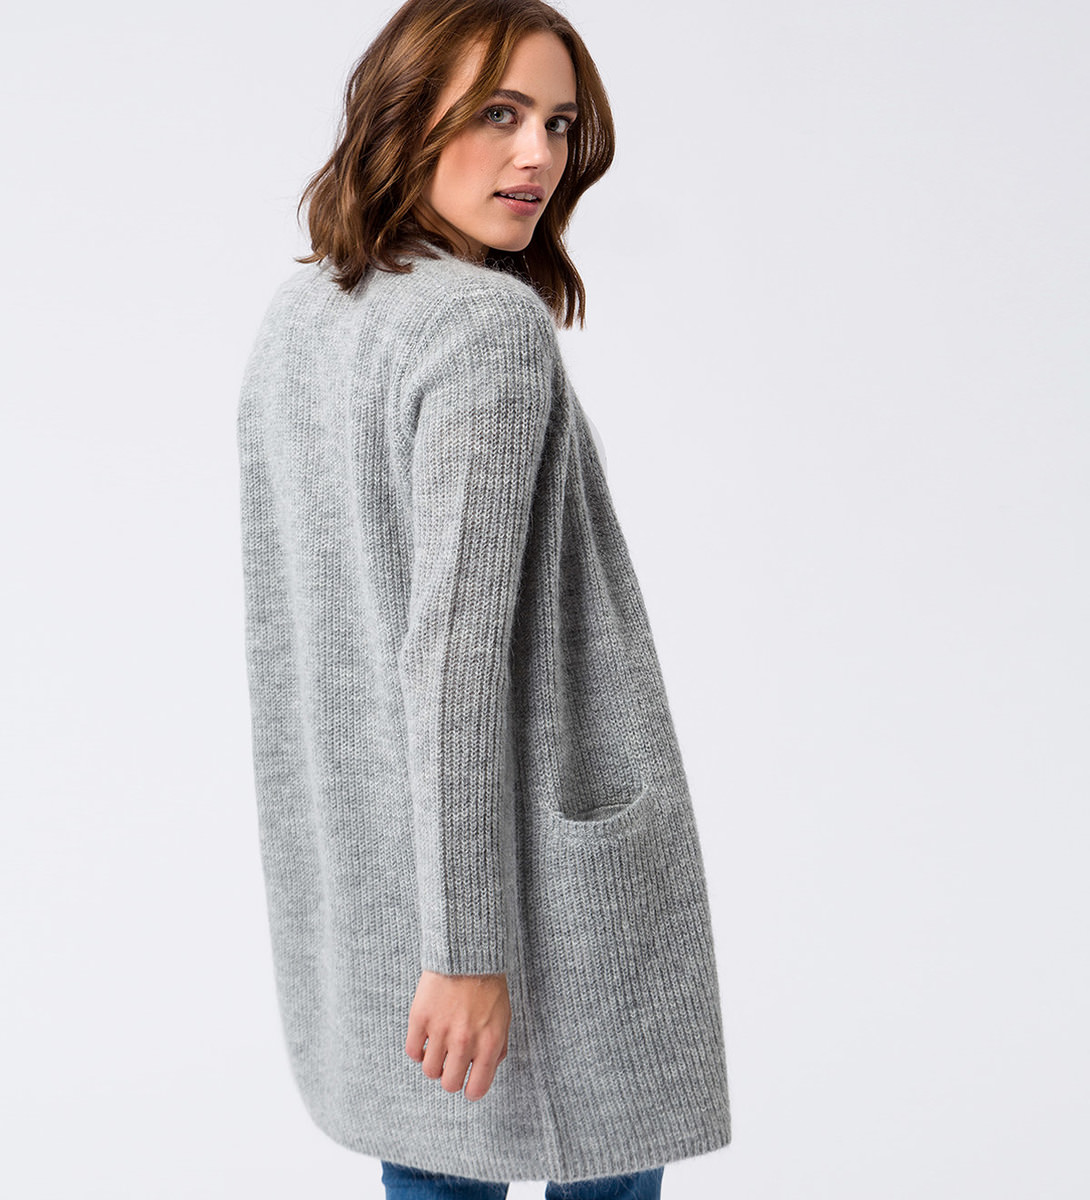 Strickjacke im unifarbenen Design in stone grey